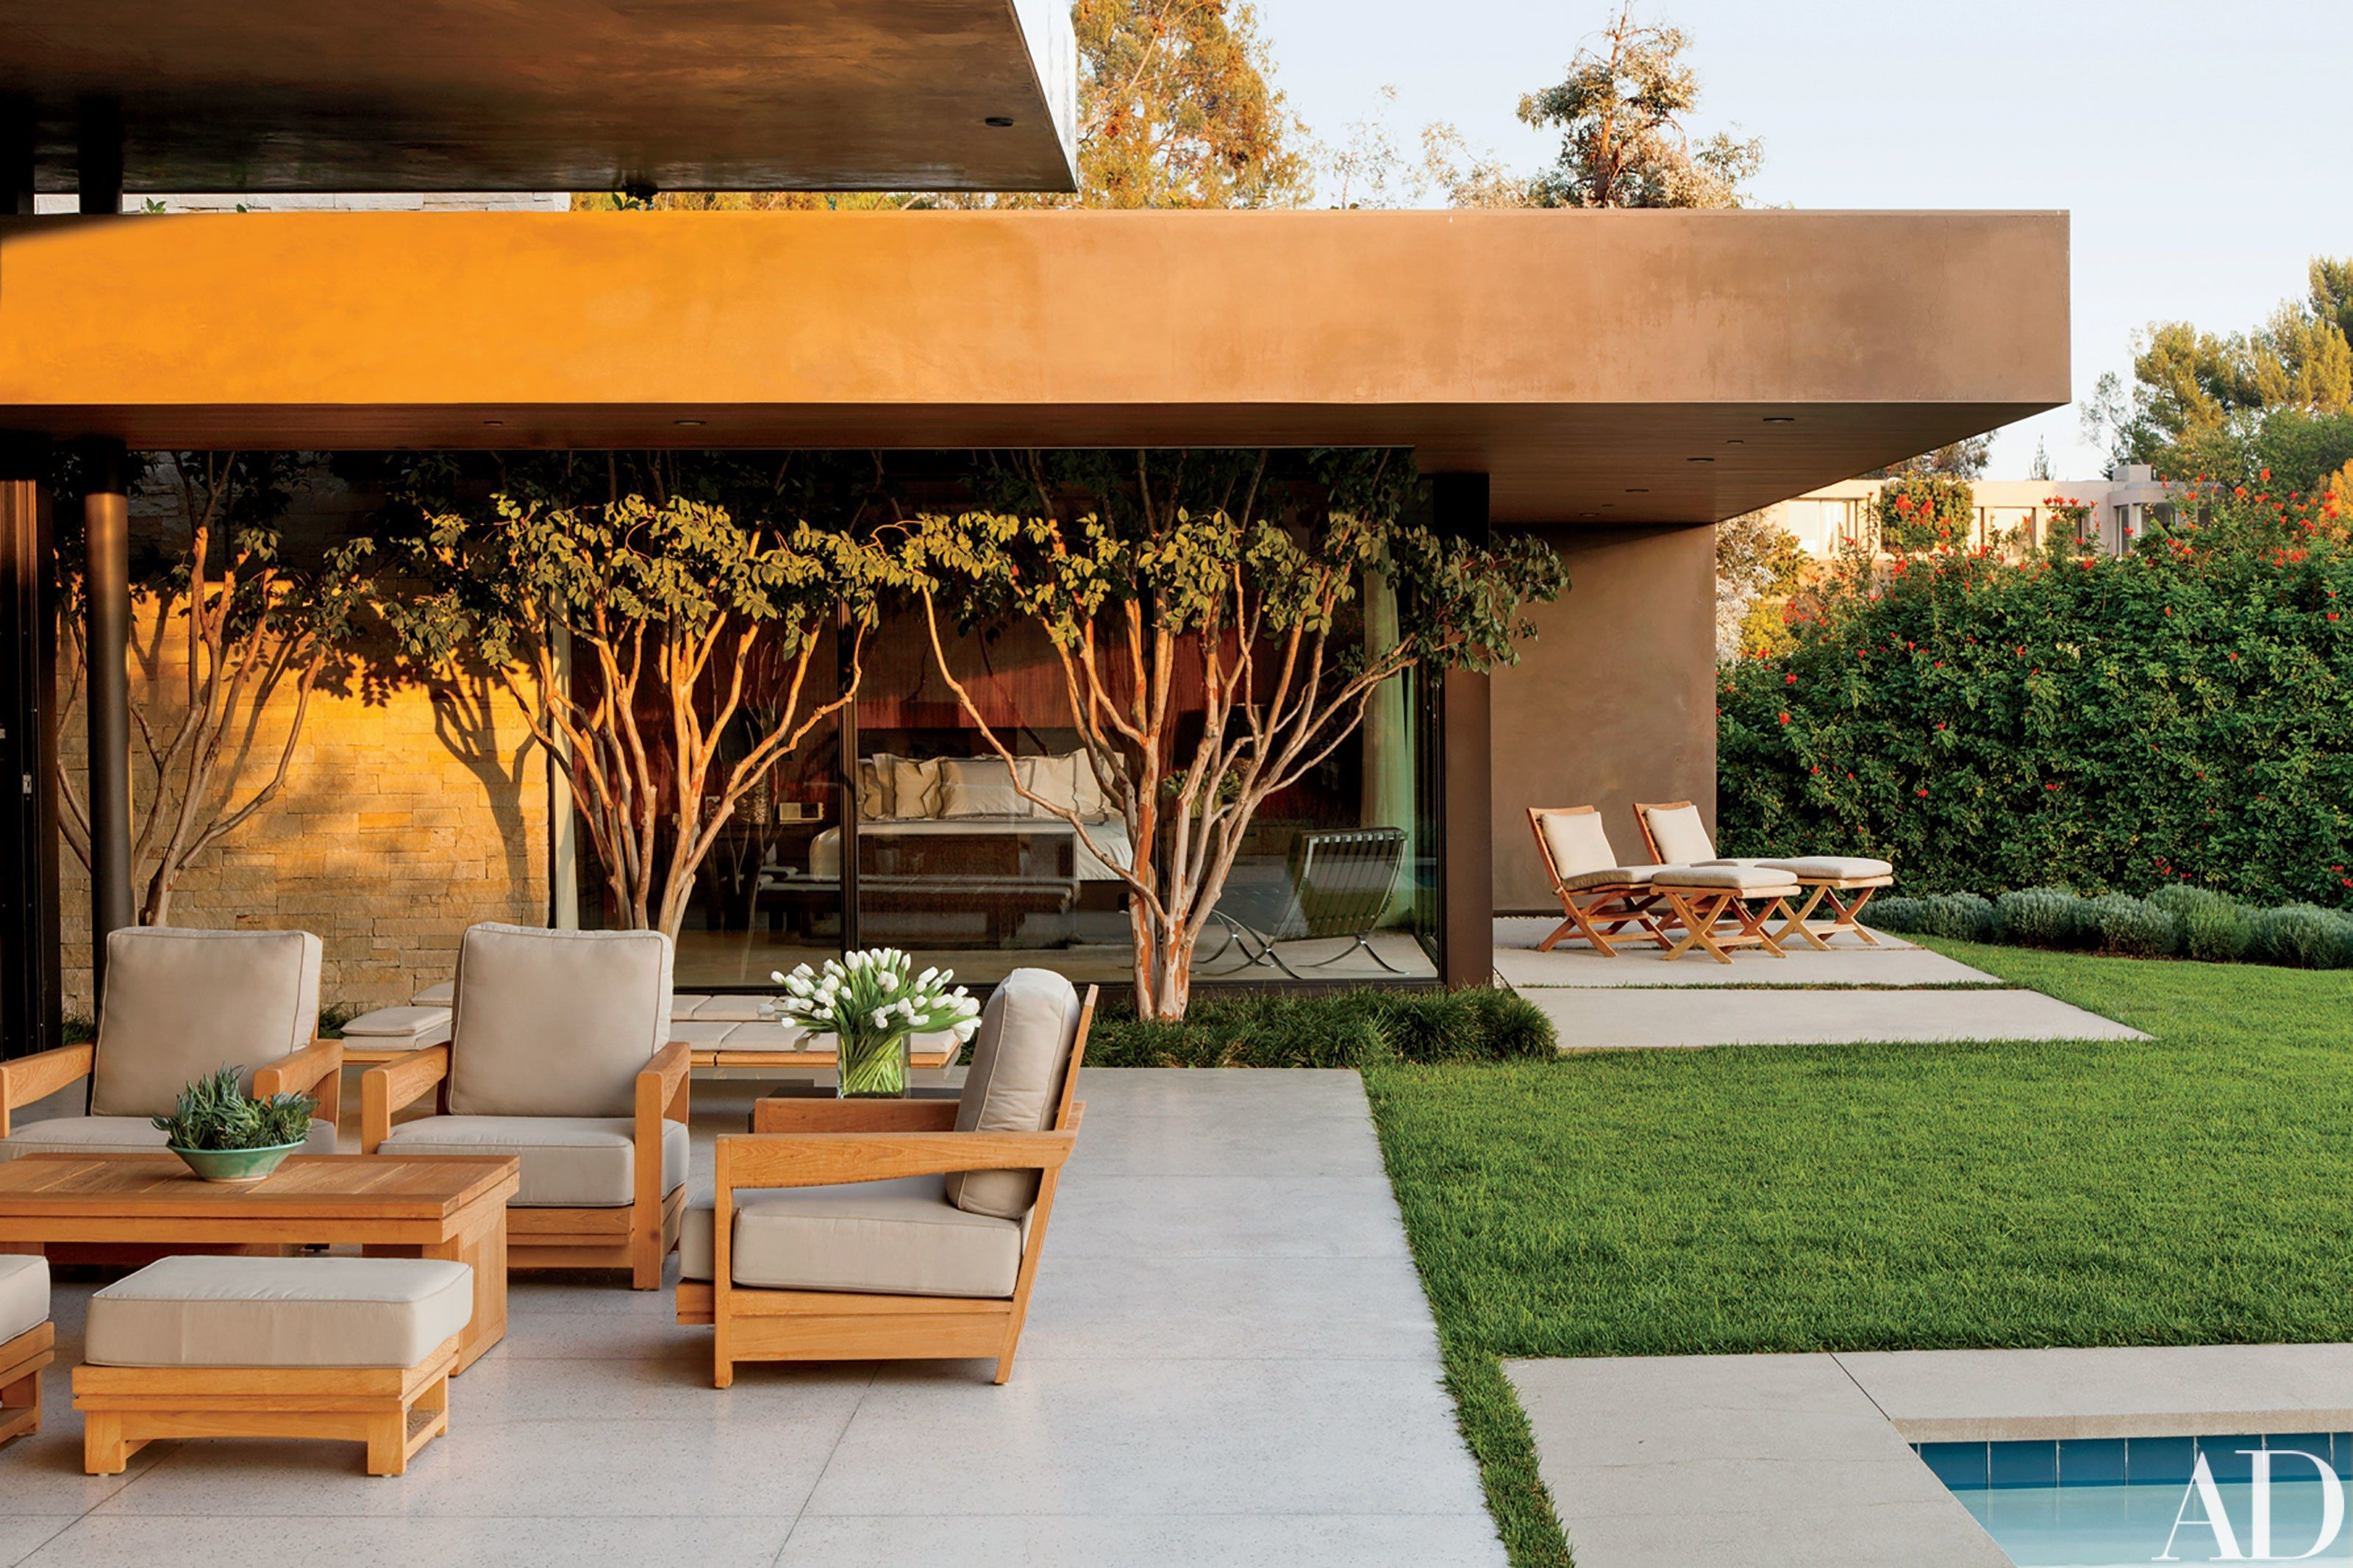 Marmol Radziner Designs a Modernist Home in Beverly Hills Photos | Architectural Digest